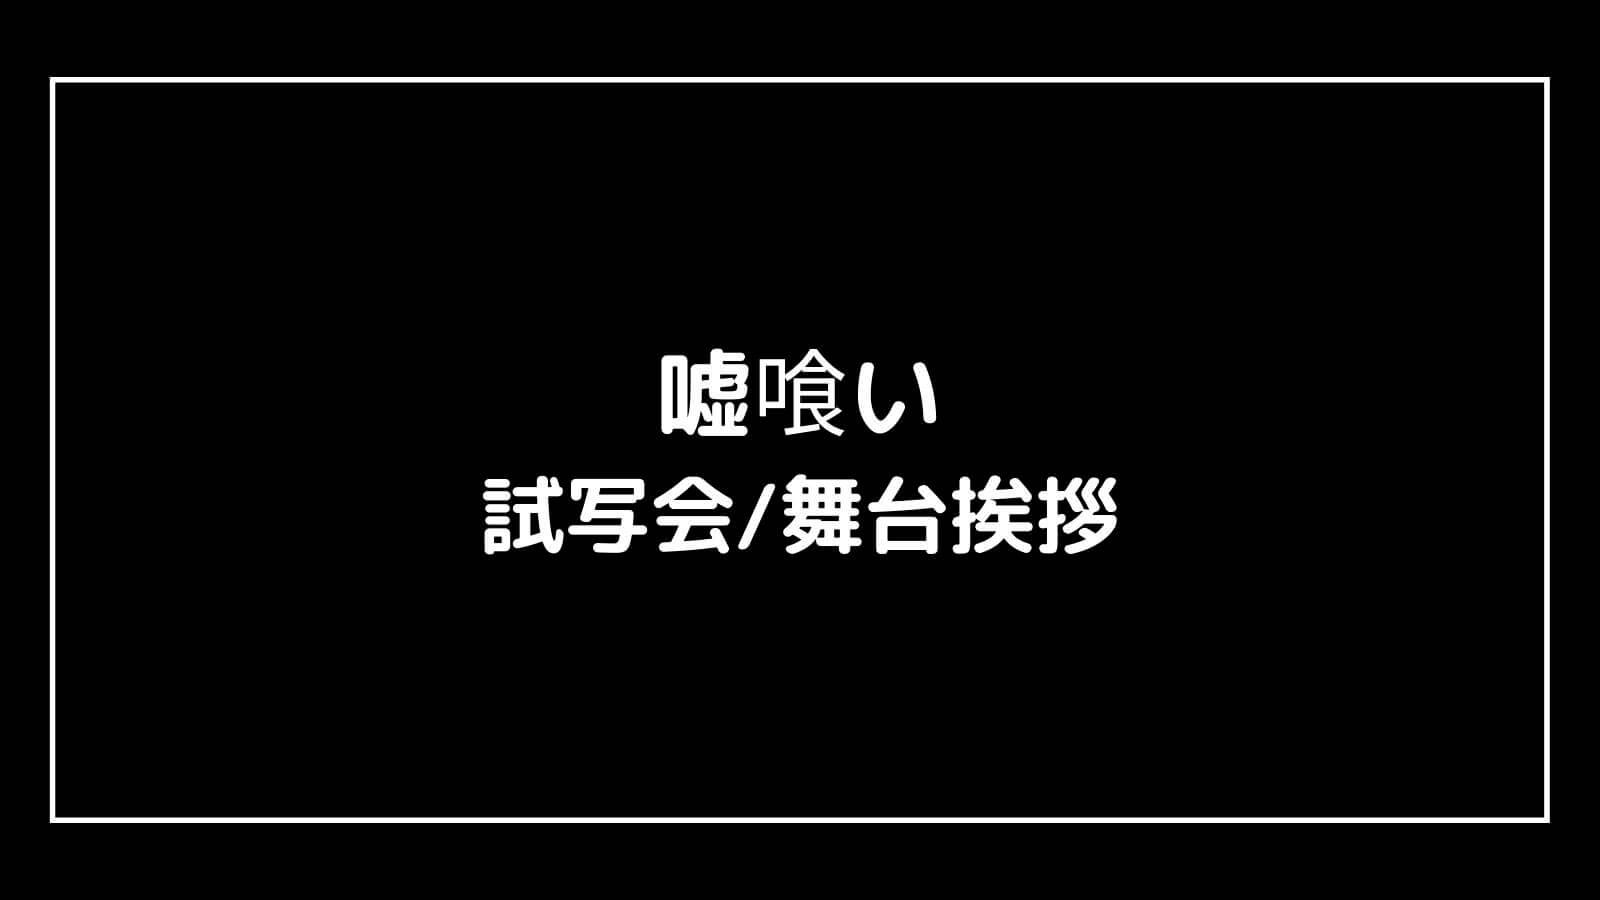 映画『嘘喰い』の試写会と舞台挨拶ライブビューイング情報